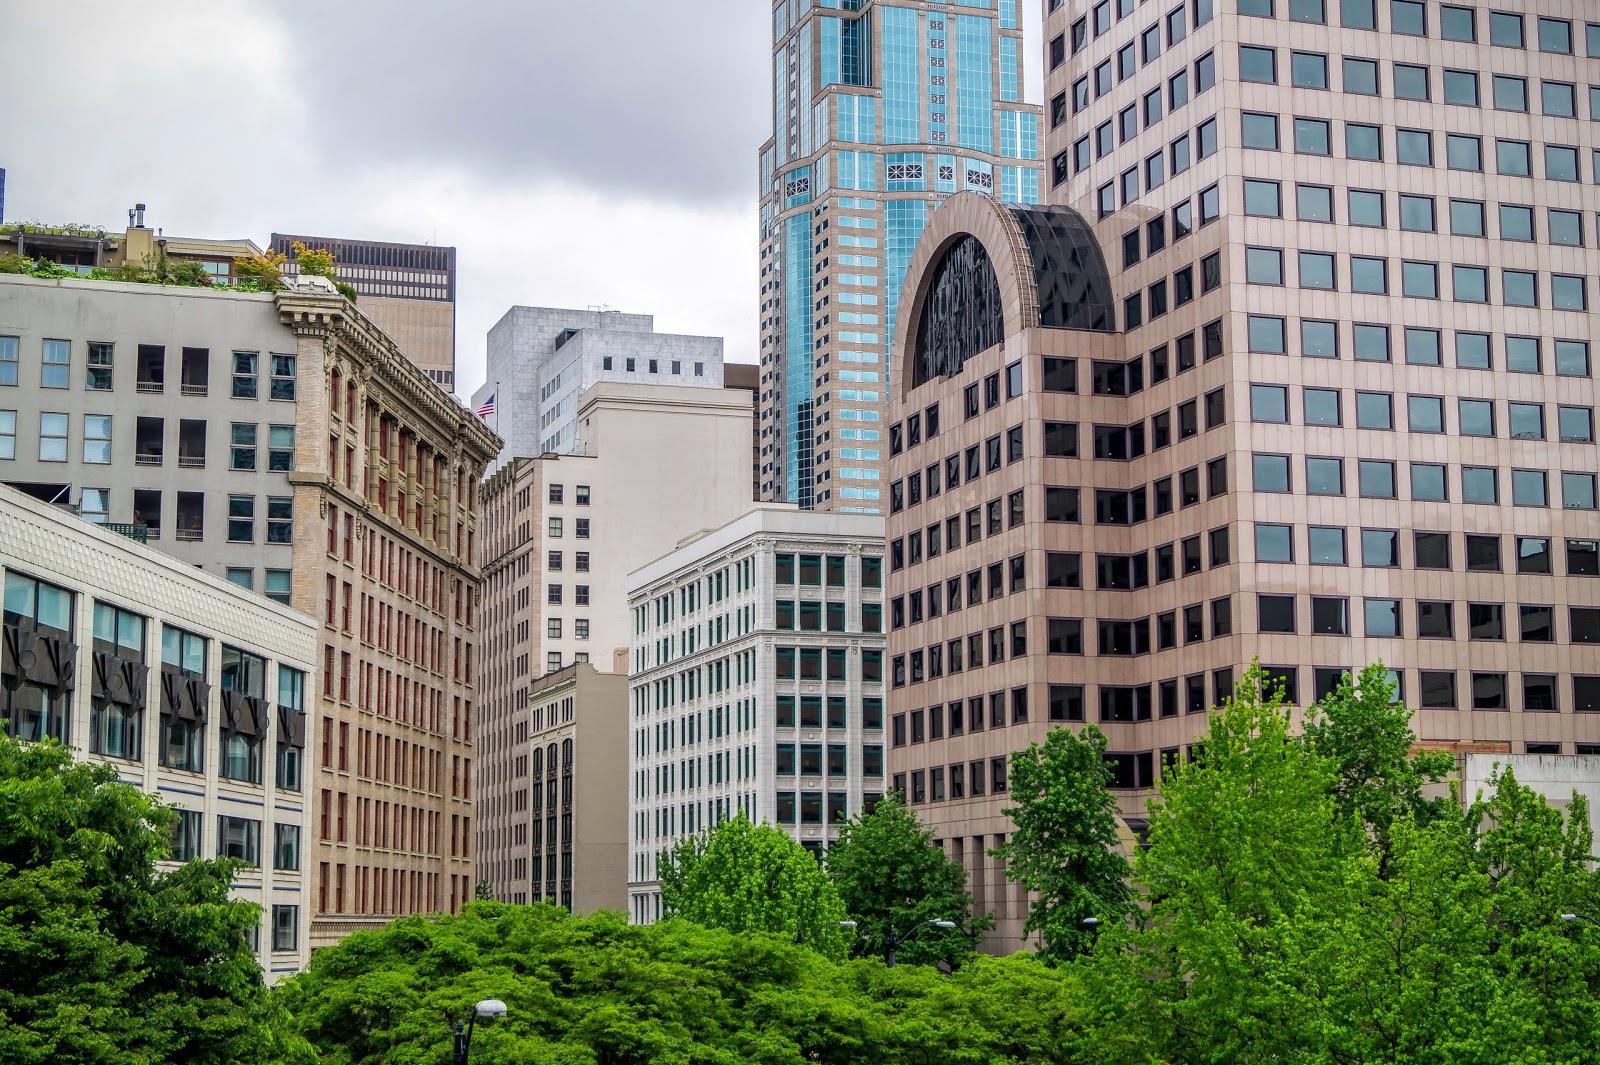 В чём-то Сиэтл похож на Ванкувер, но несмотря на большое количество современных небоскрёбов не покидает ощущение, что город старее чем кажется.